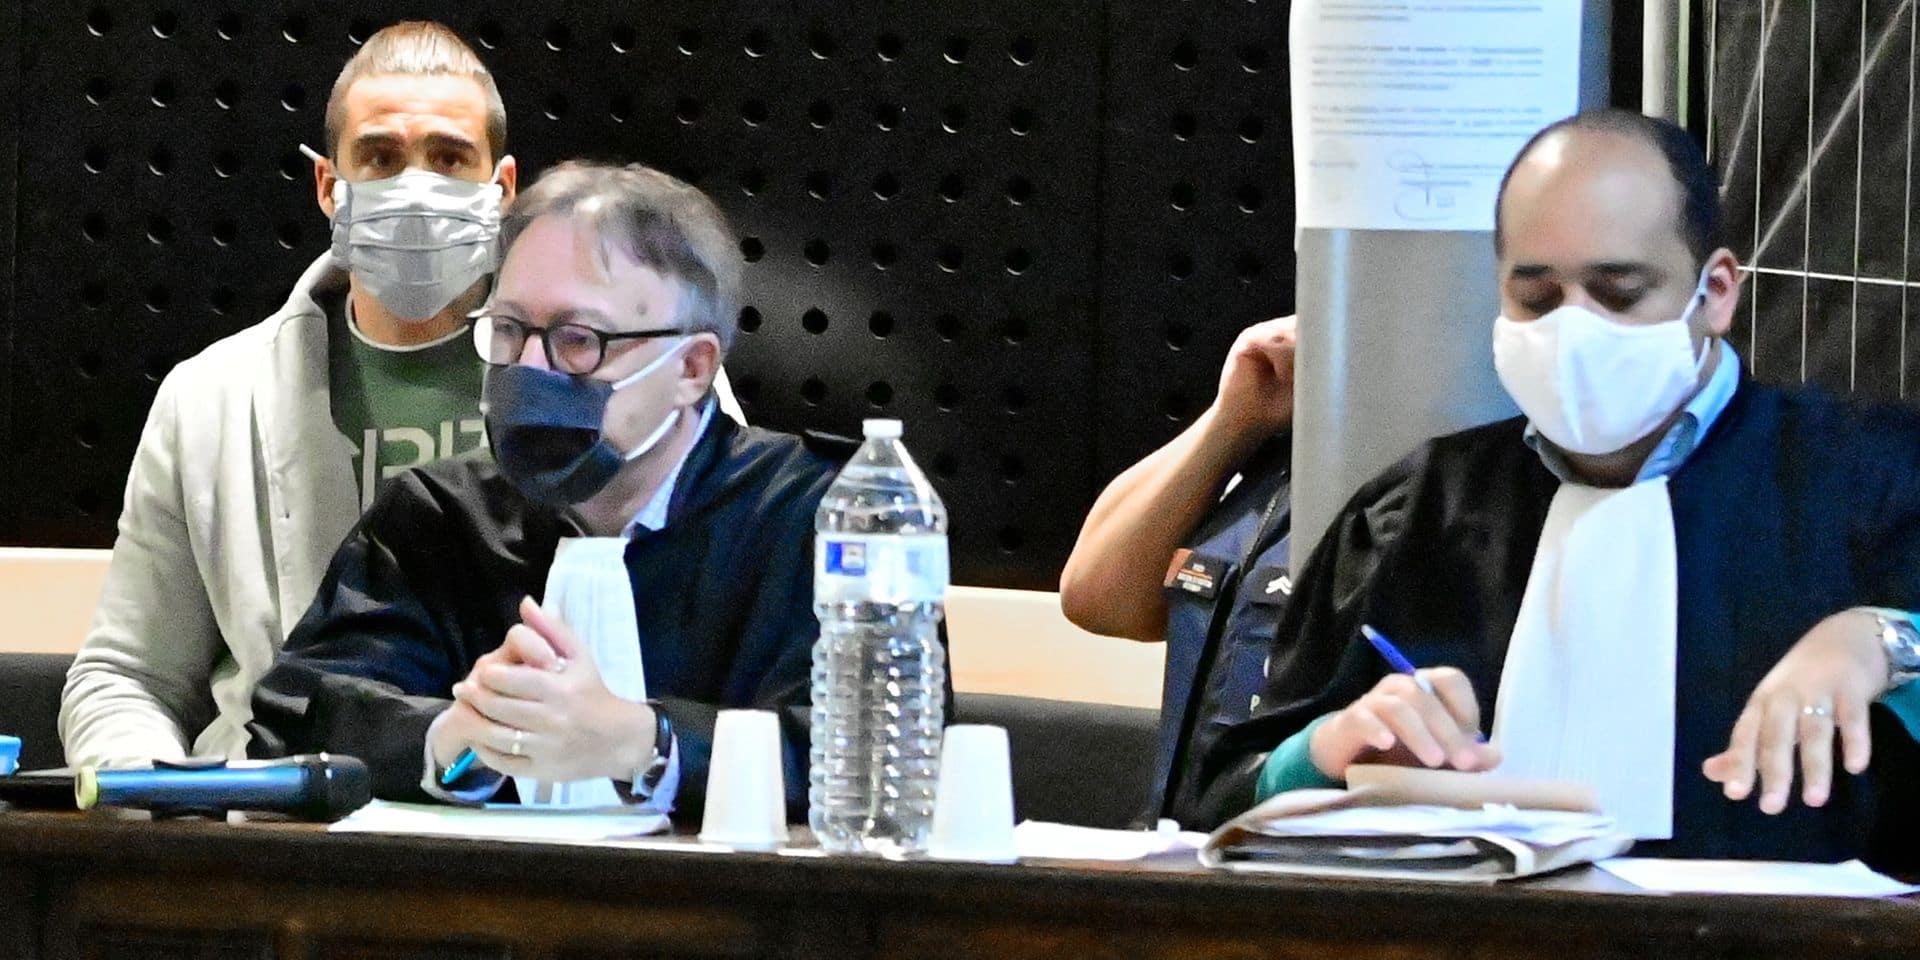 Meurtre de Muriel Bauduin: Une peine de 25 ans de réclusion requise contre Alexandro Carucci